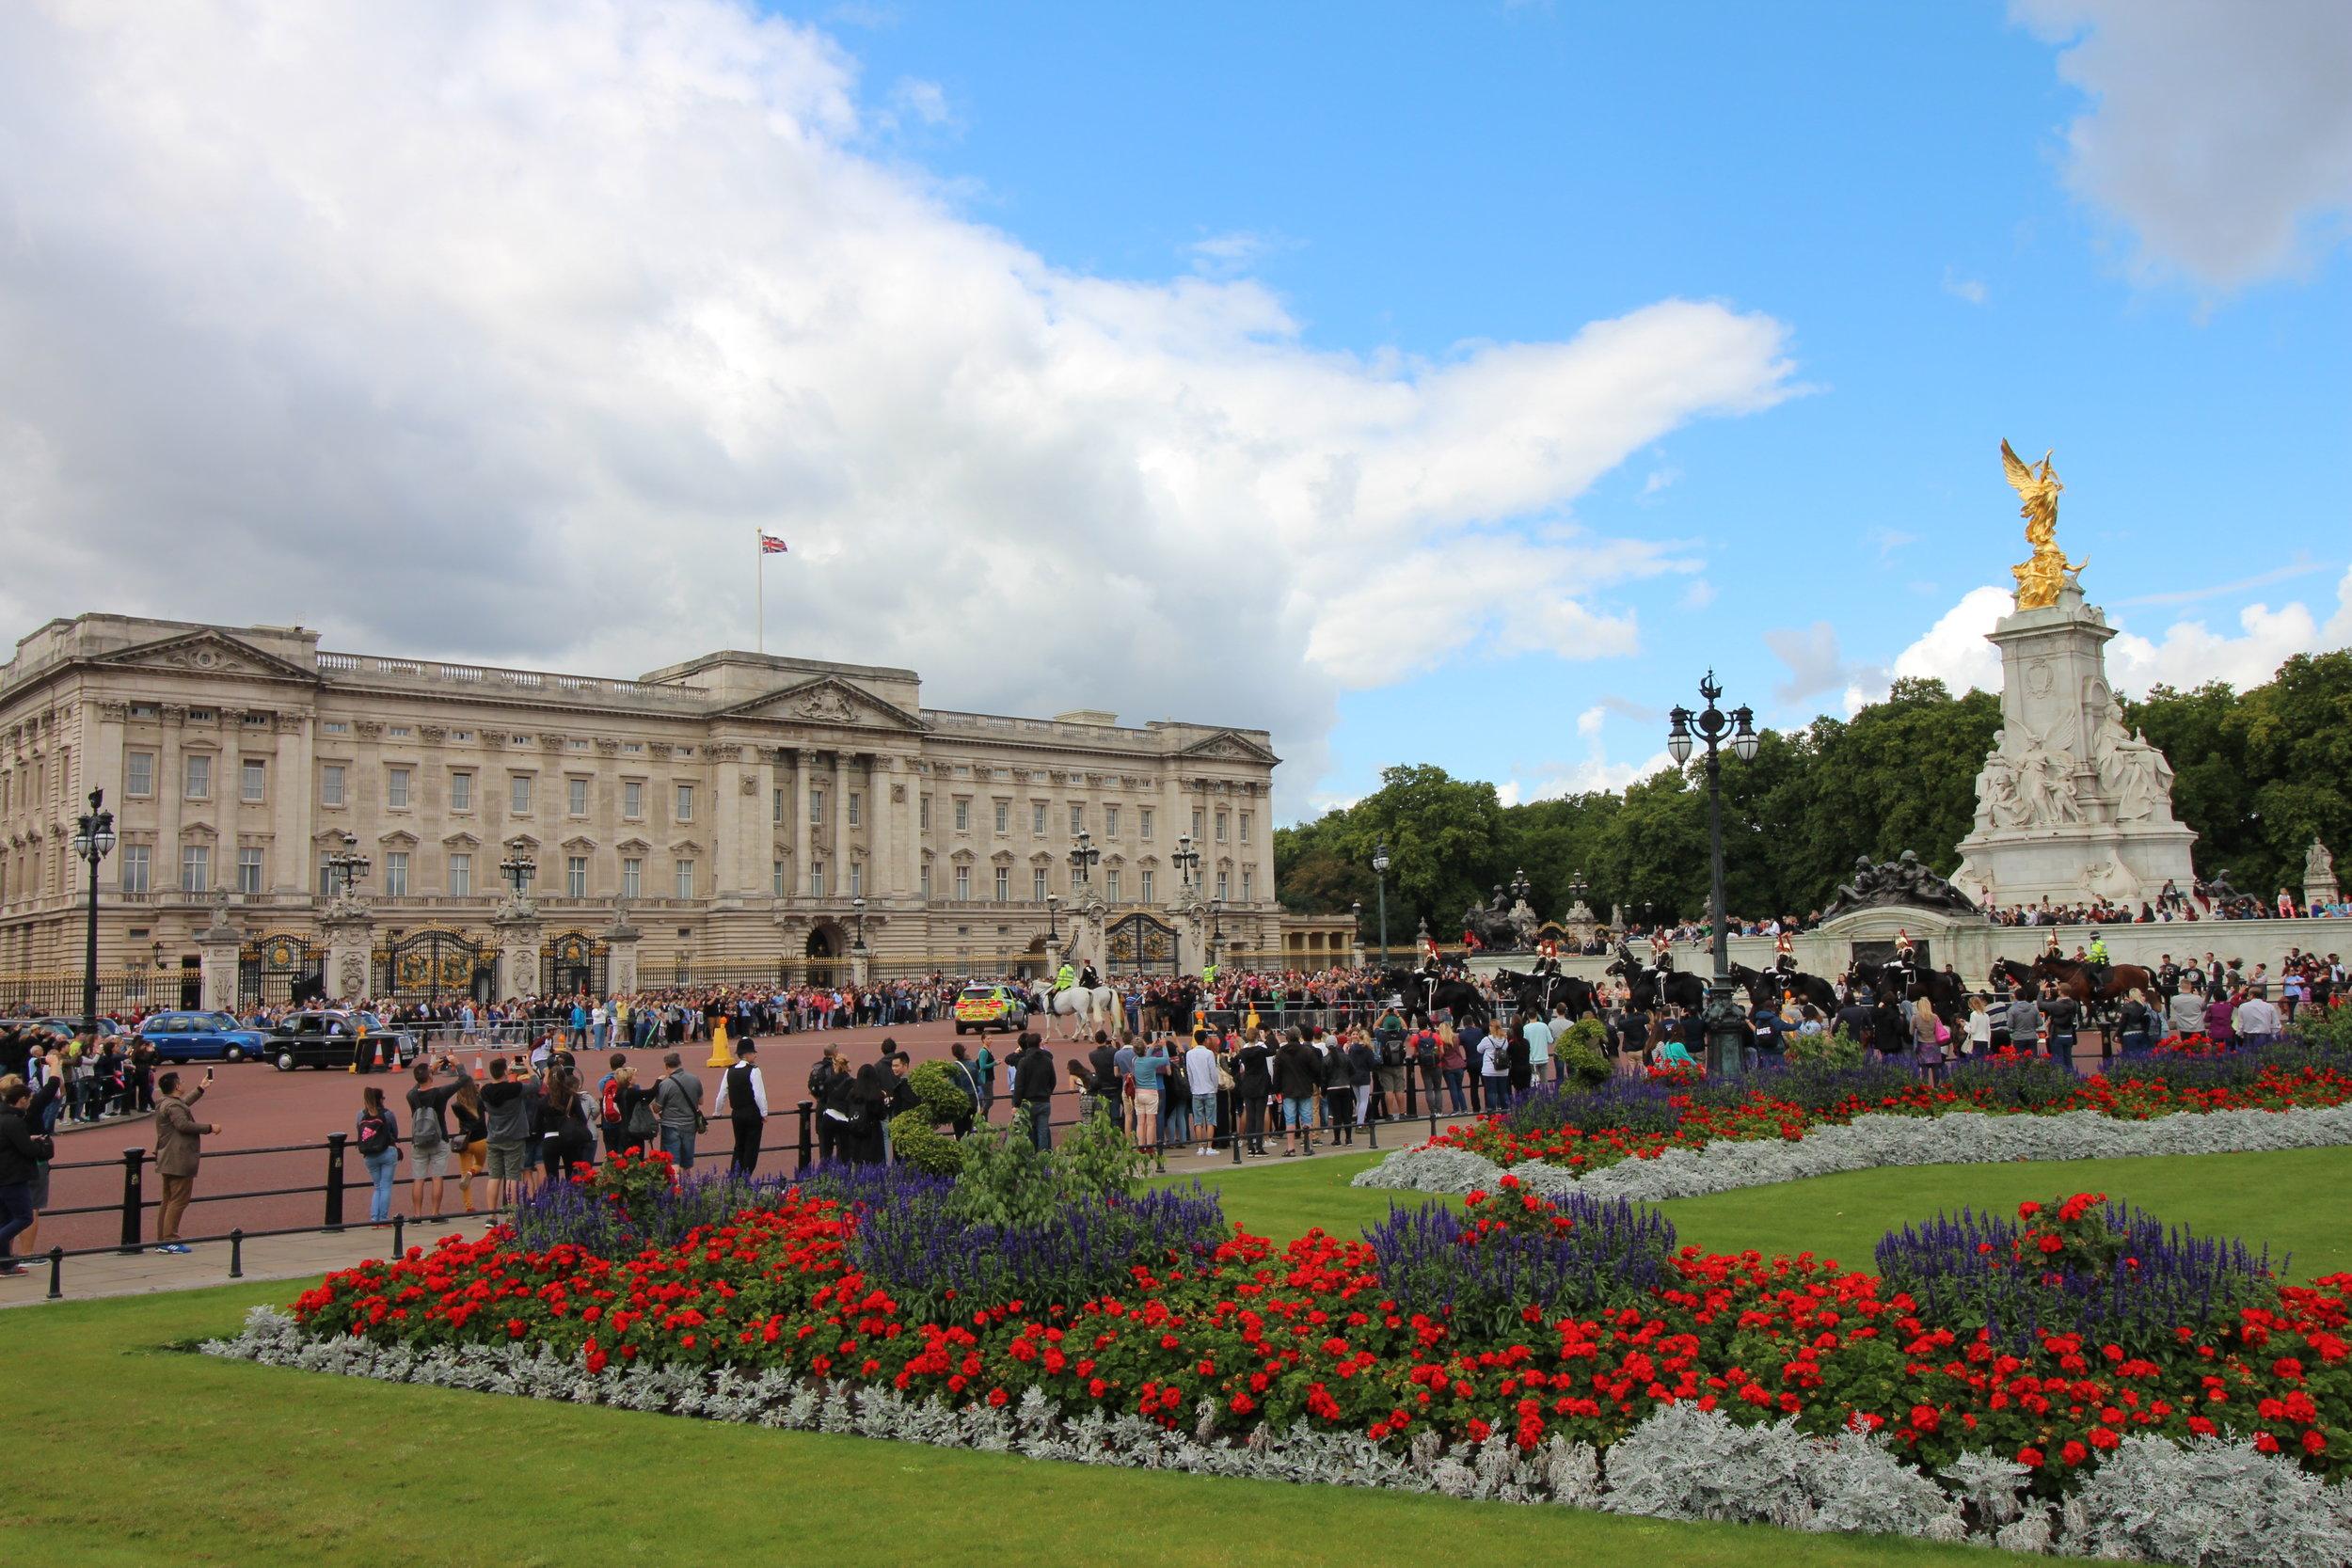 Buckingham Palace, London, UK